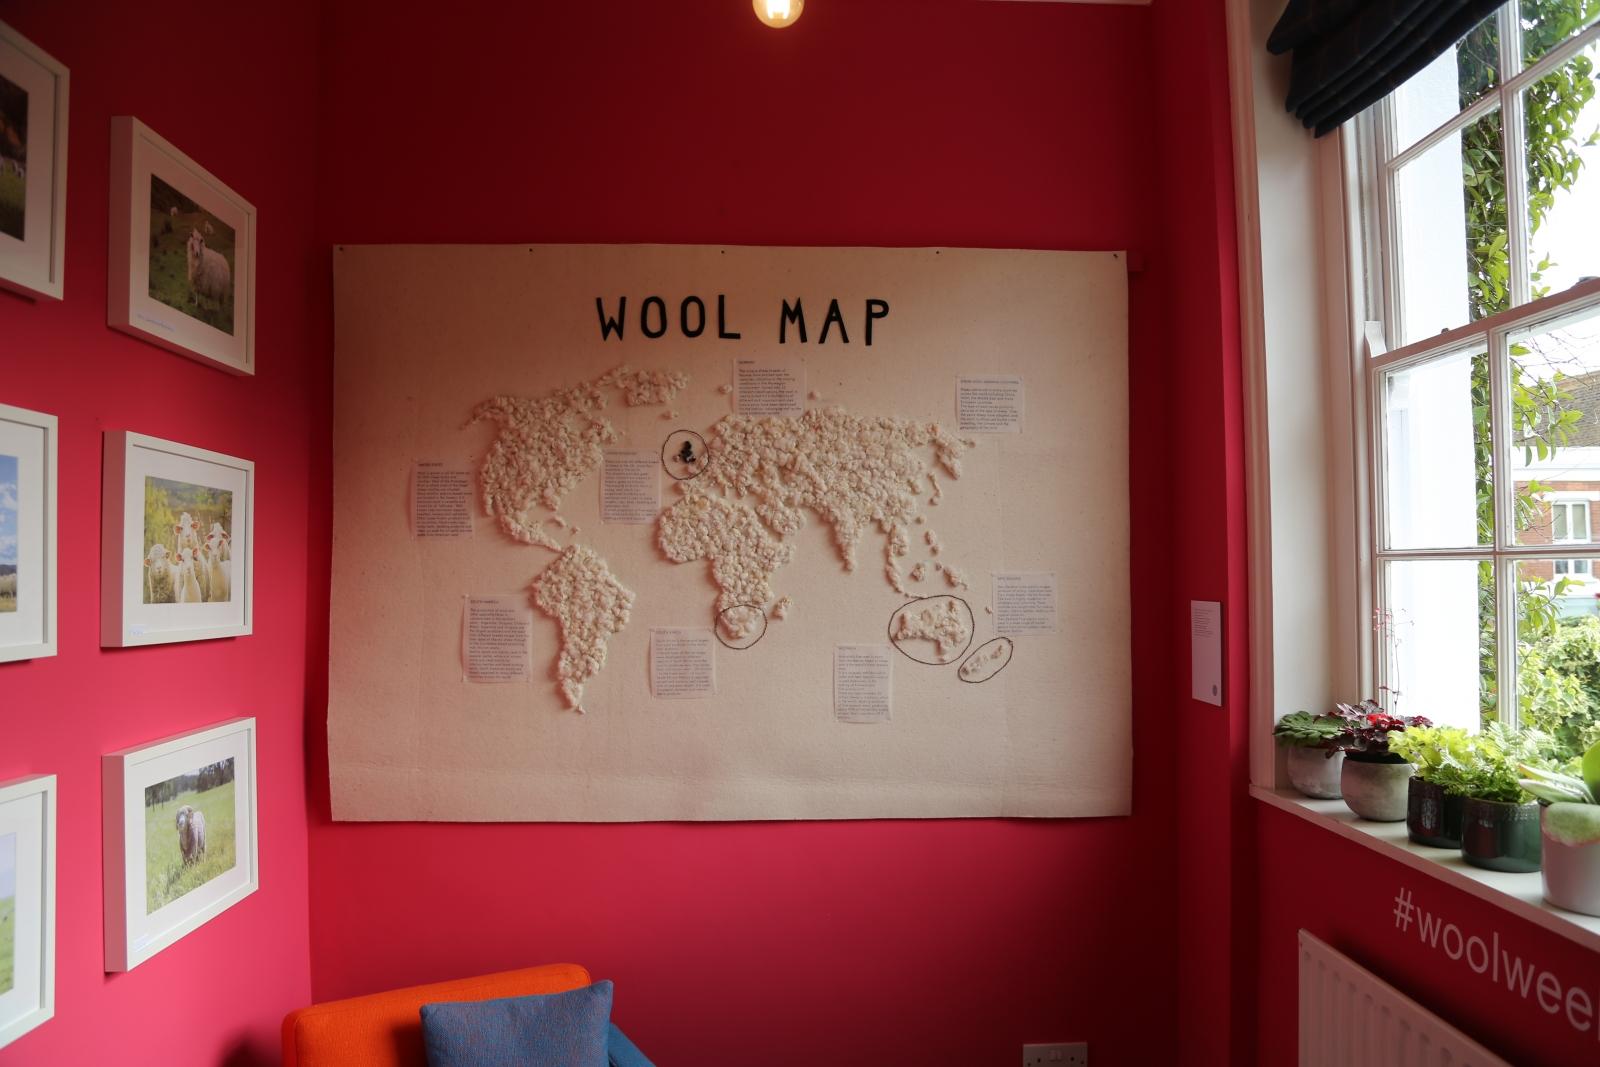 Wool B&B study hosting the 'wool map'